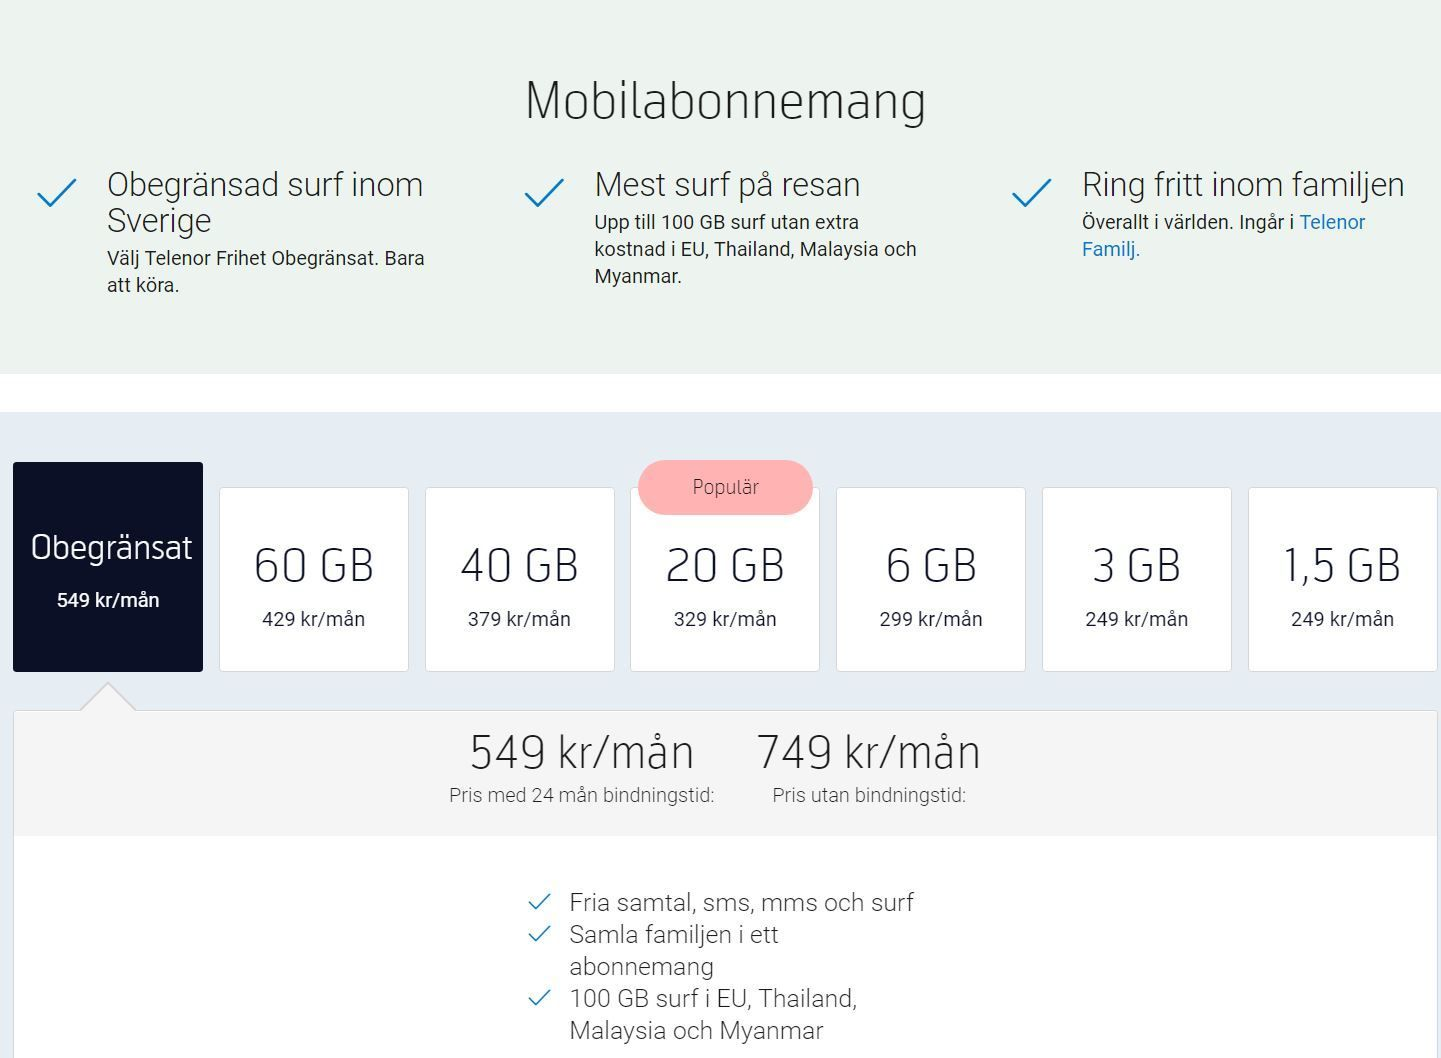 Telenor tilbyr et abonnement med ubegrenset surfing i Sverige.